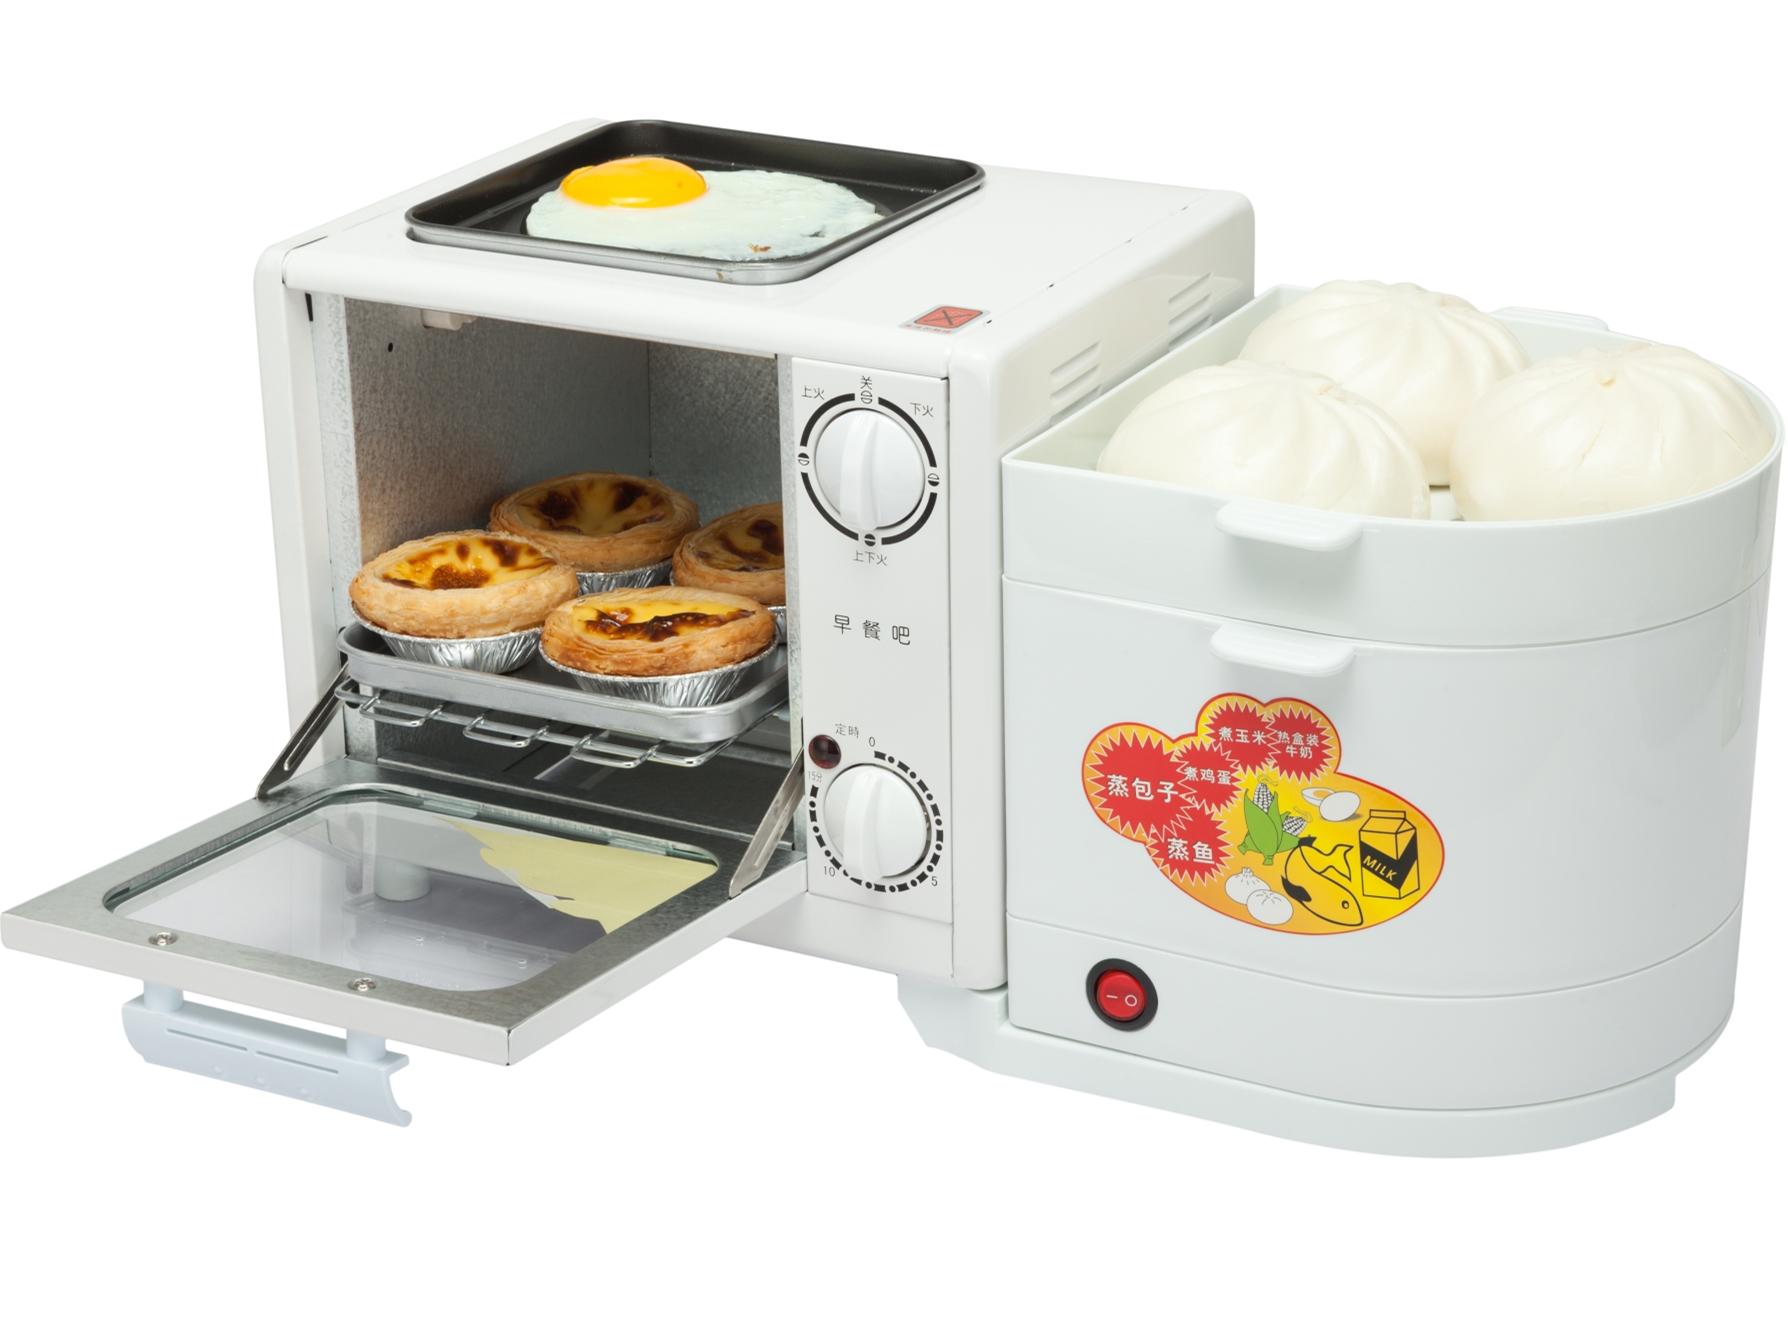 早餐机神器家用多功能四合一早餐吧烤箱煎蛋蒸笼煮蛋器一体早餐机